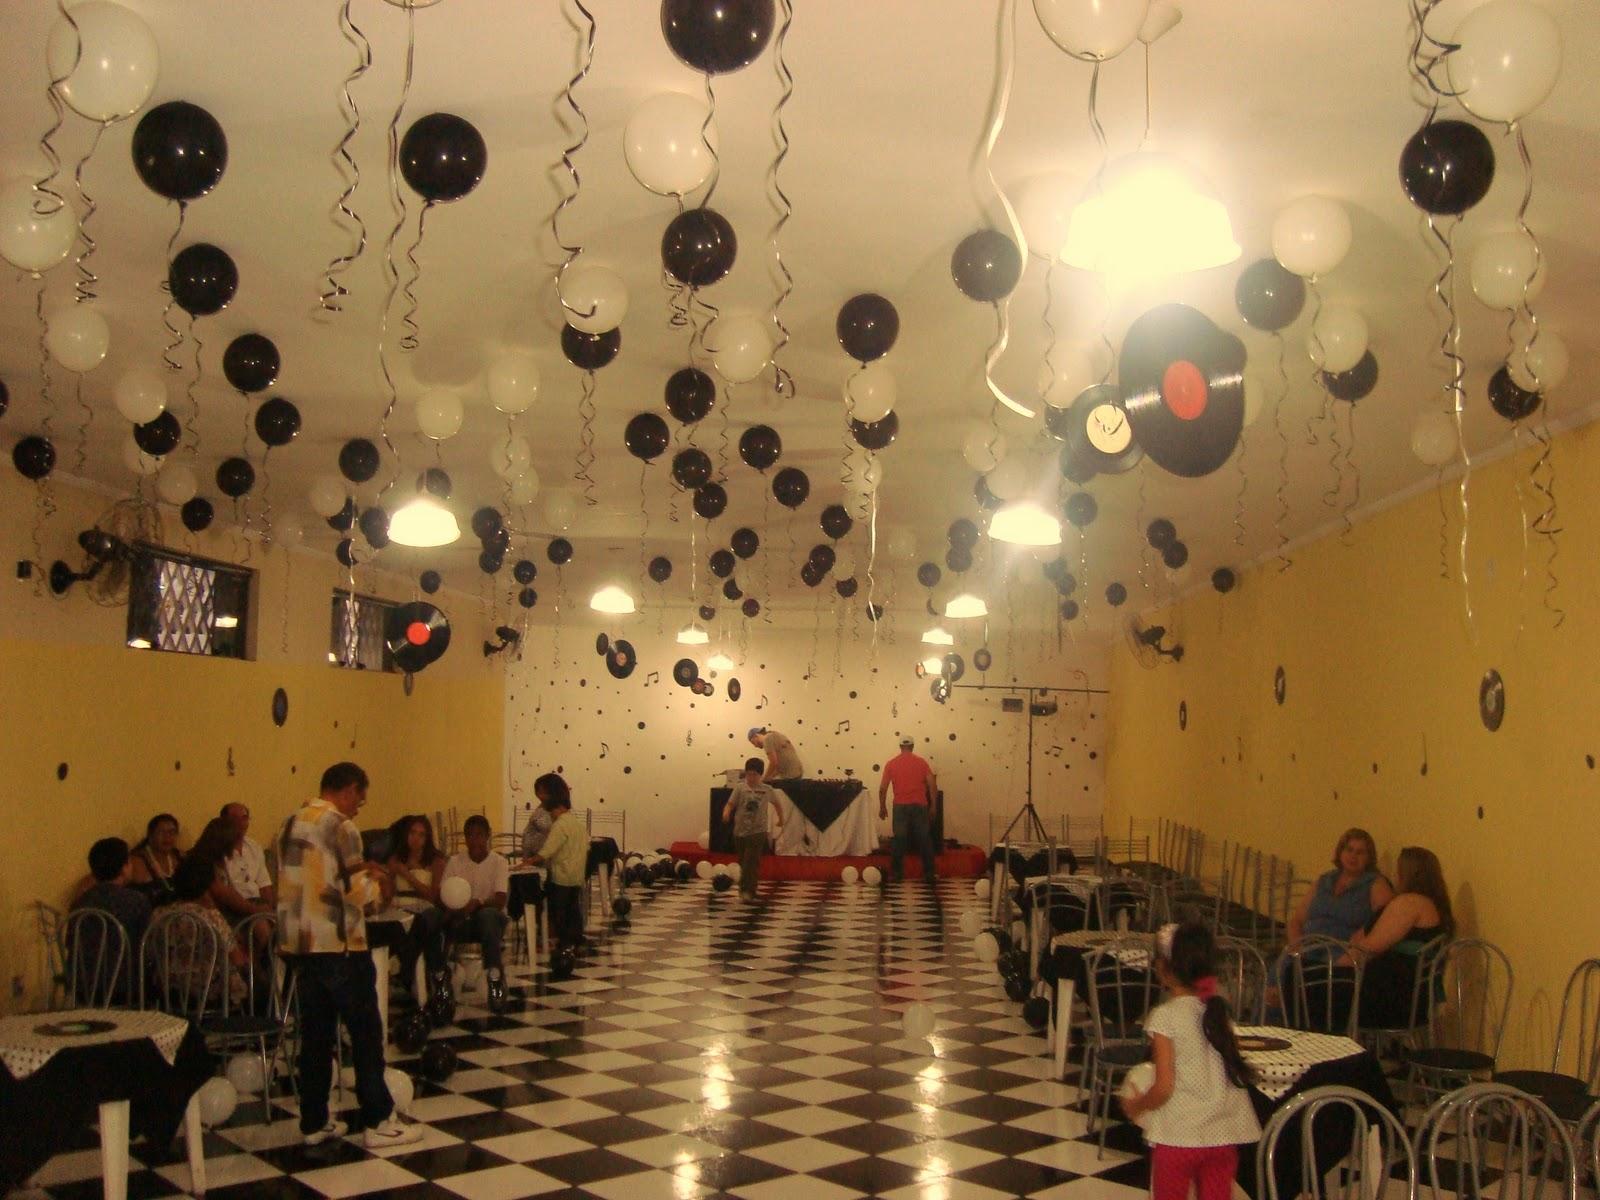 Festa sabor decora o festa descolada for Diseno de interiores anos 70